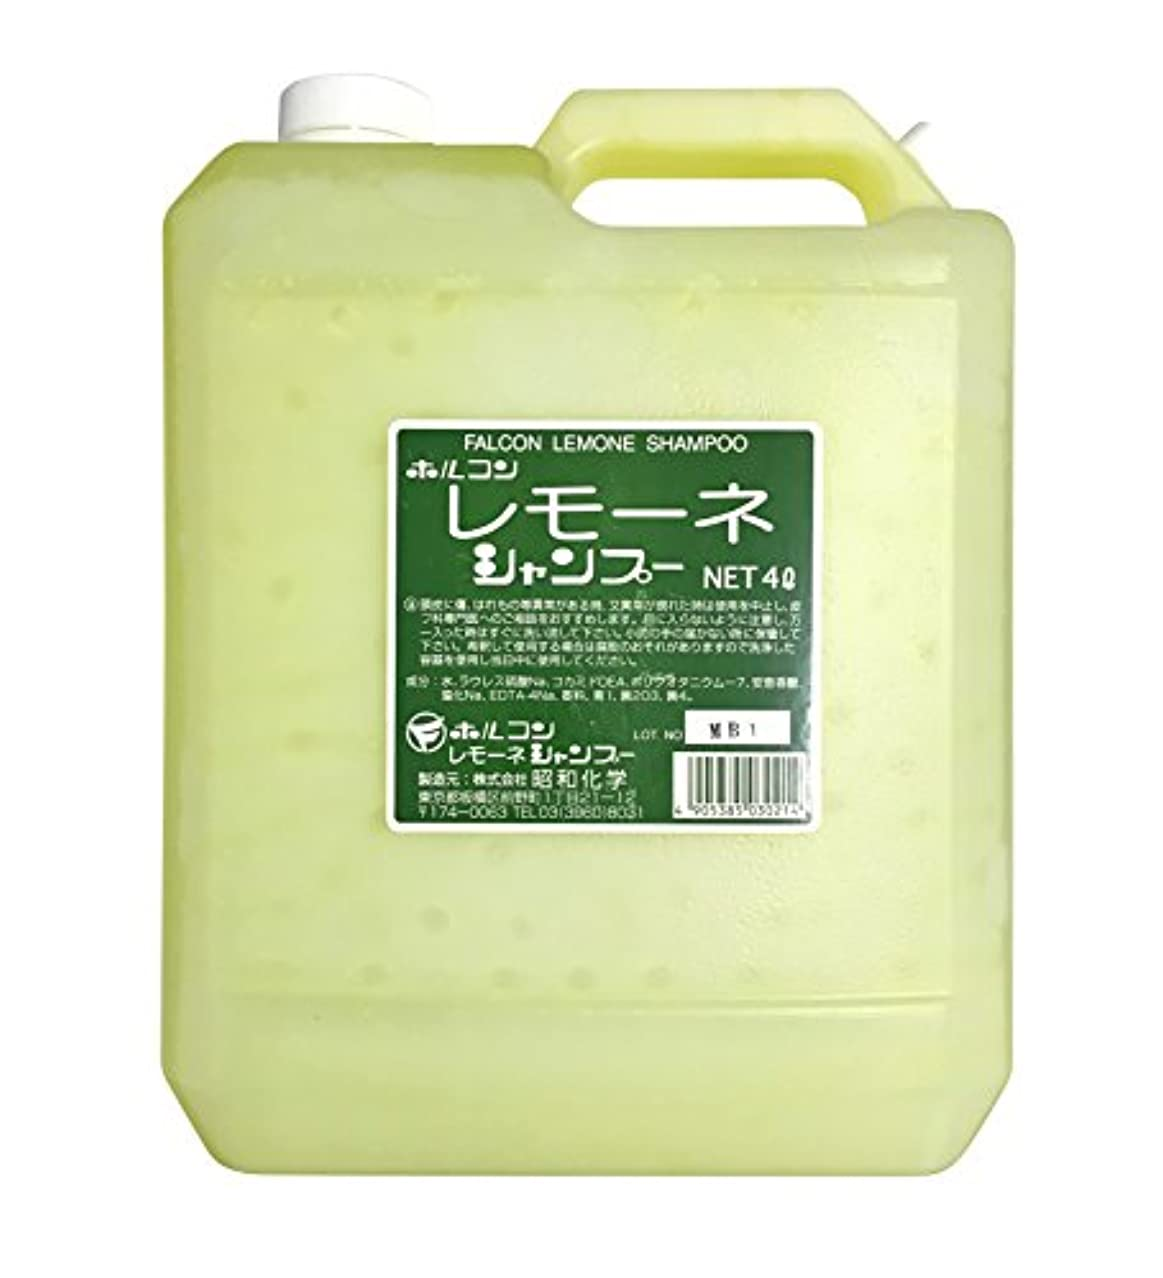 お願いします季節不良品昭和化学 ホルコン レモーネシャンプー 4000ml